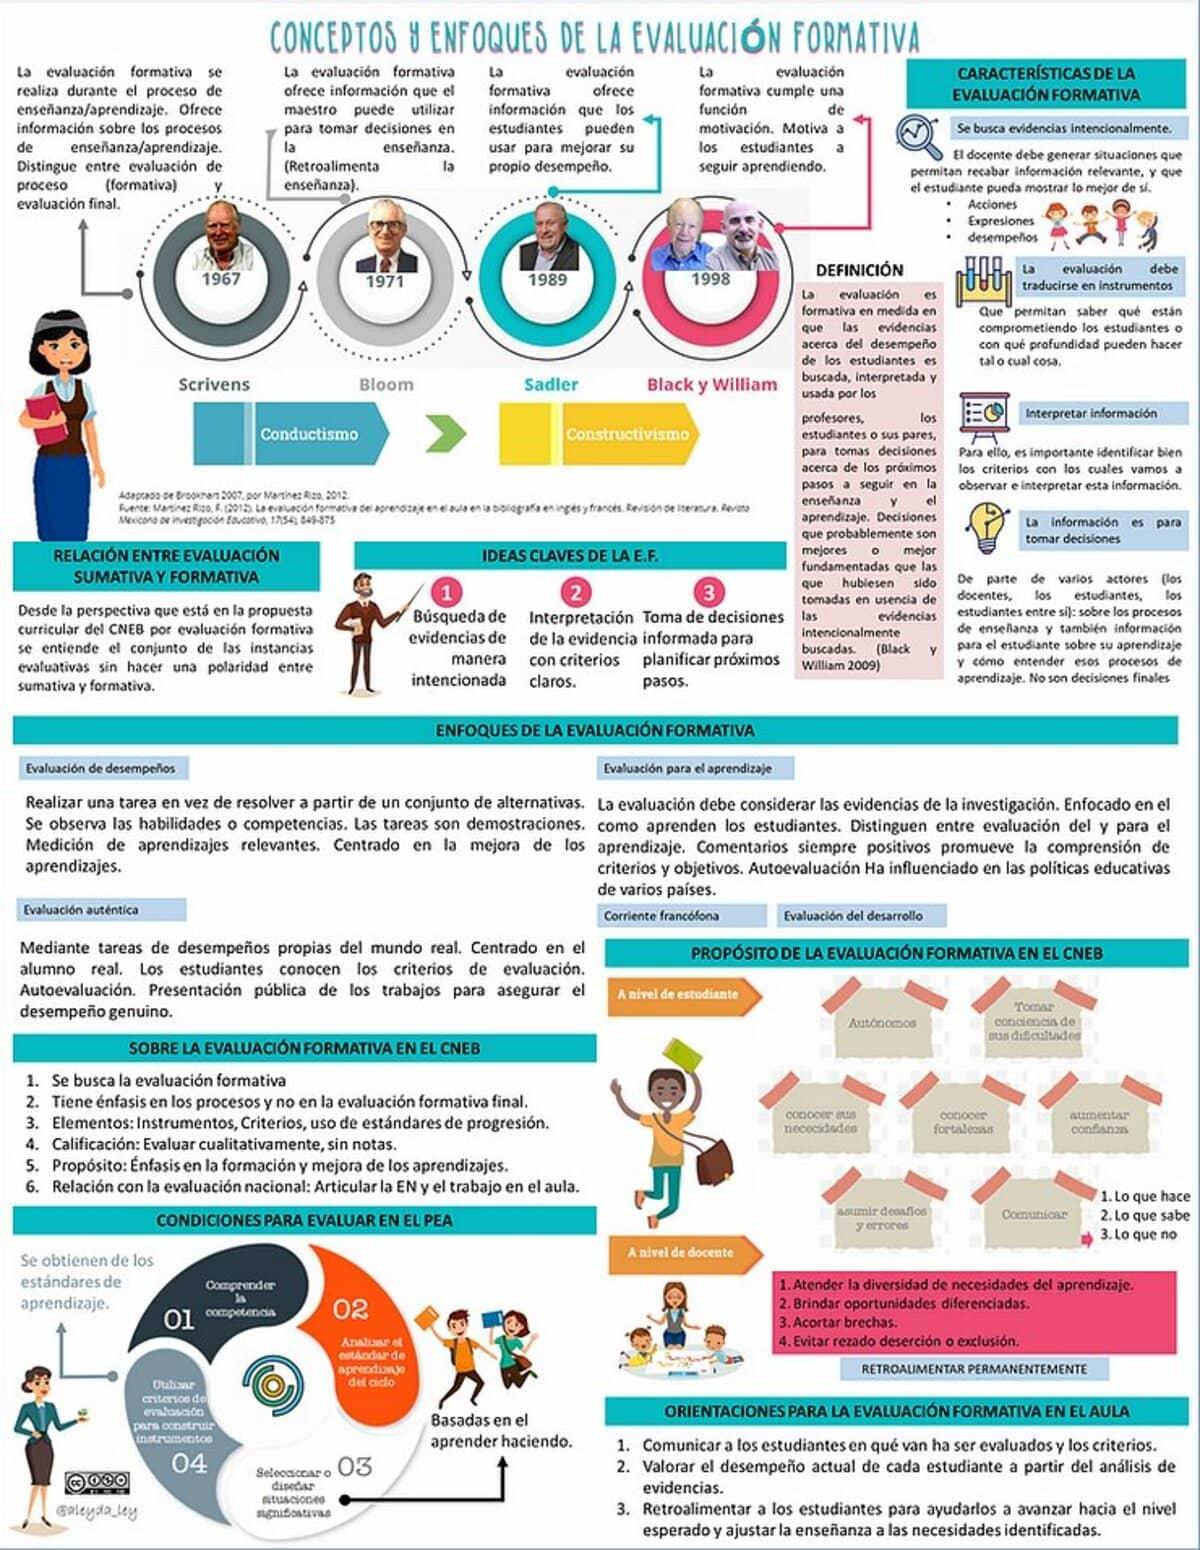 Evaluación Formativa - Enfoque, Criterios y Tareas Auténticas 1